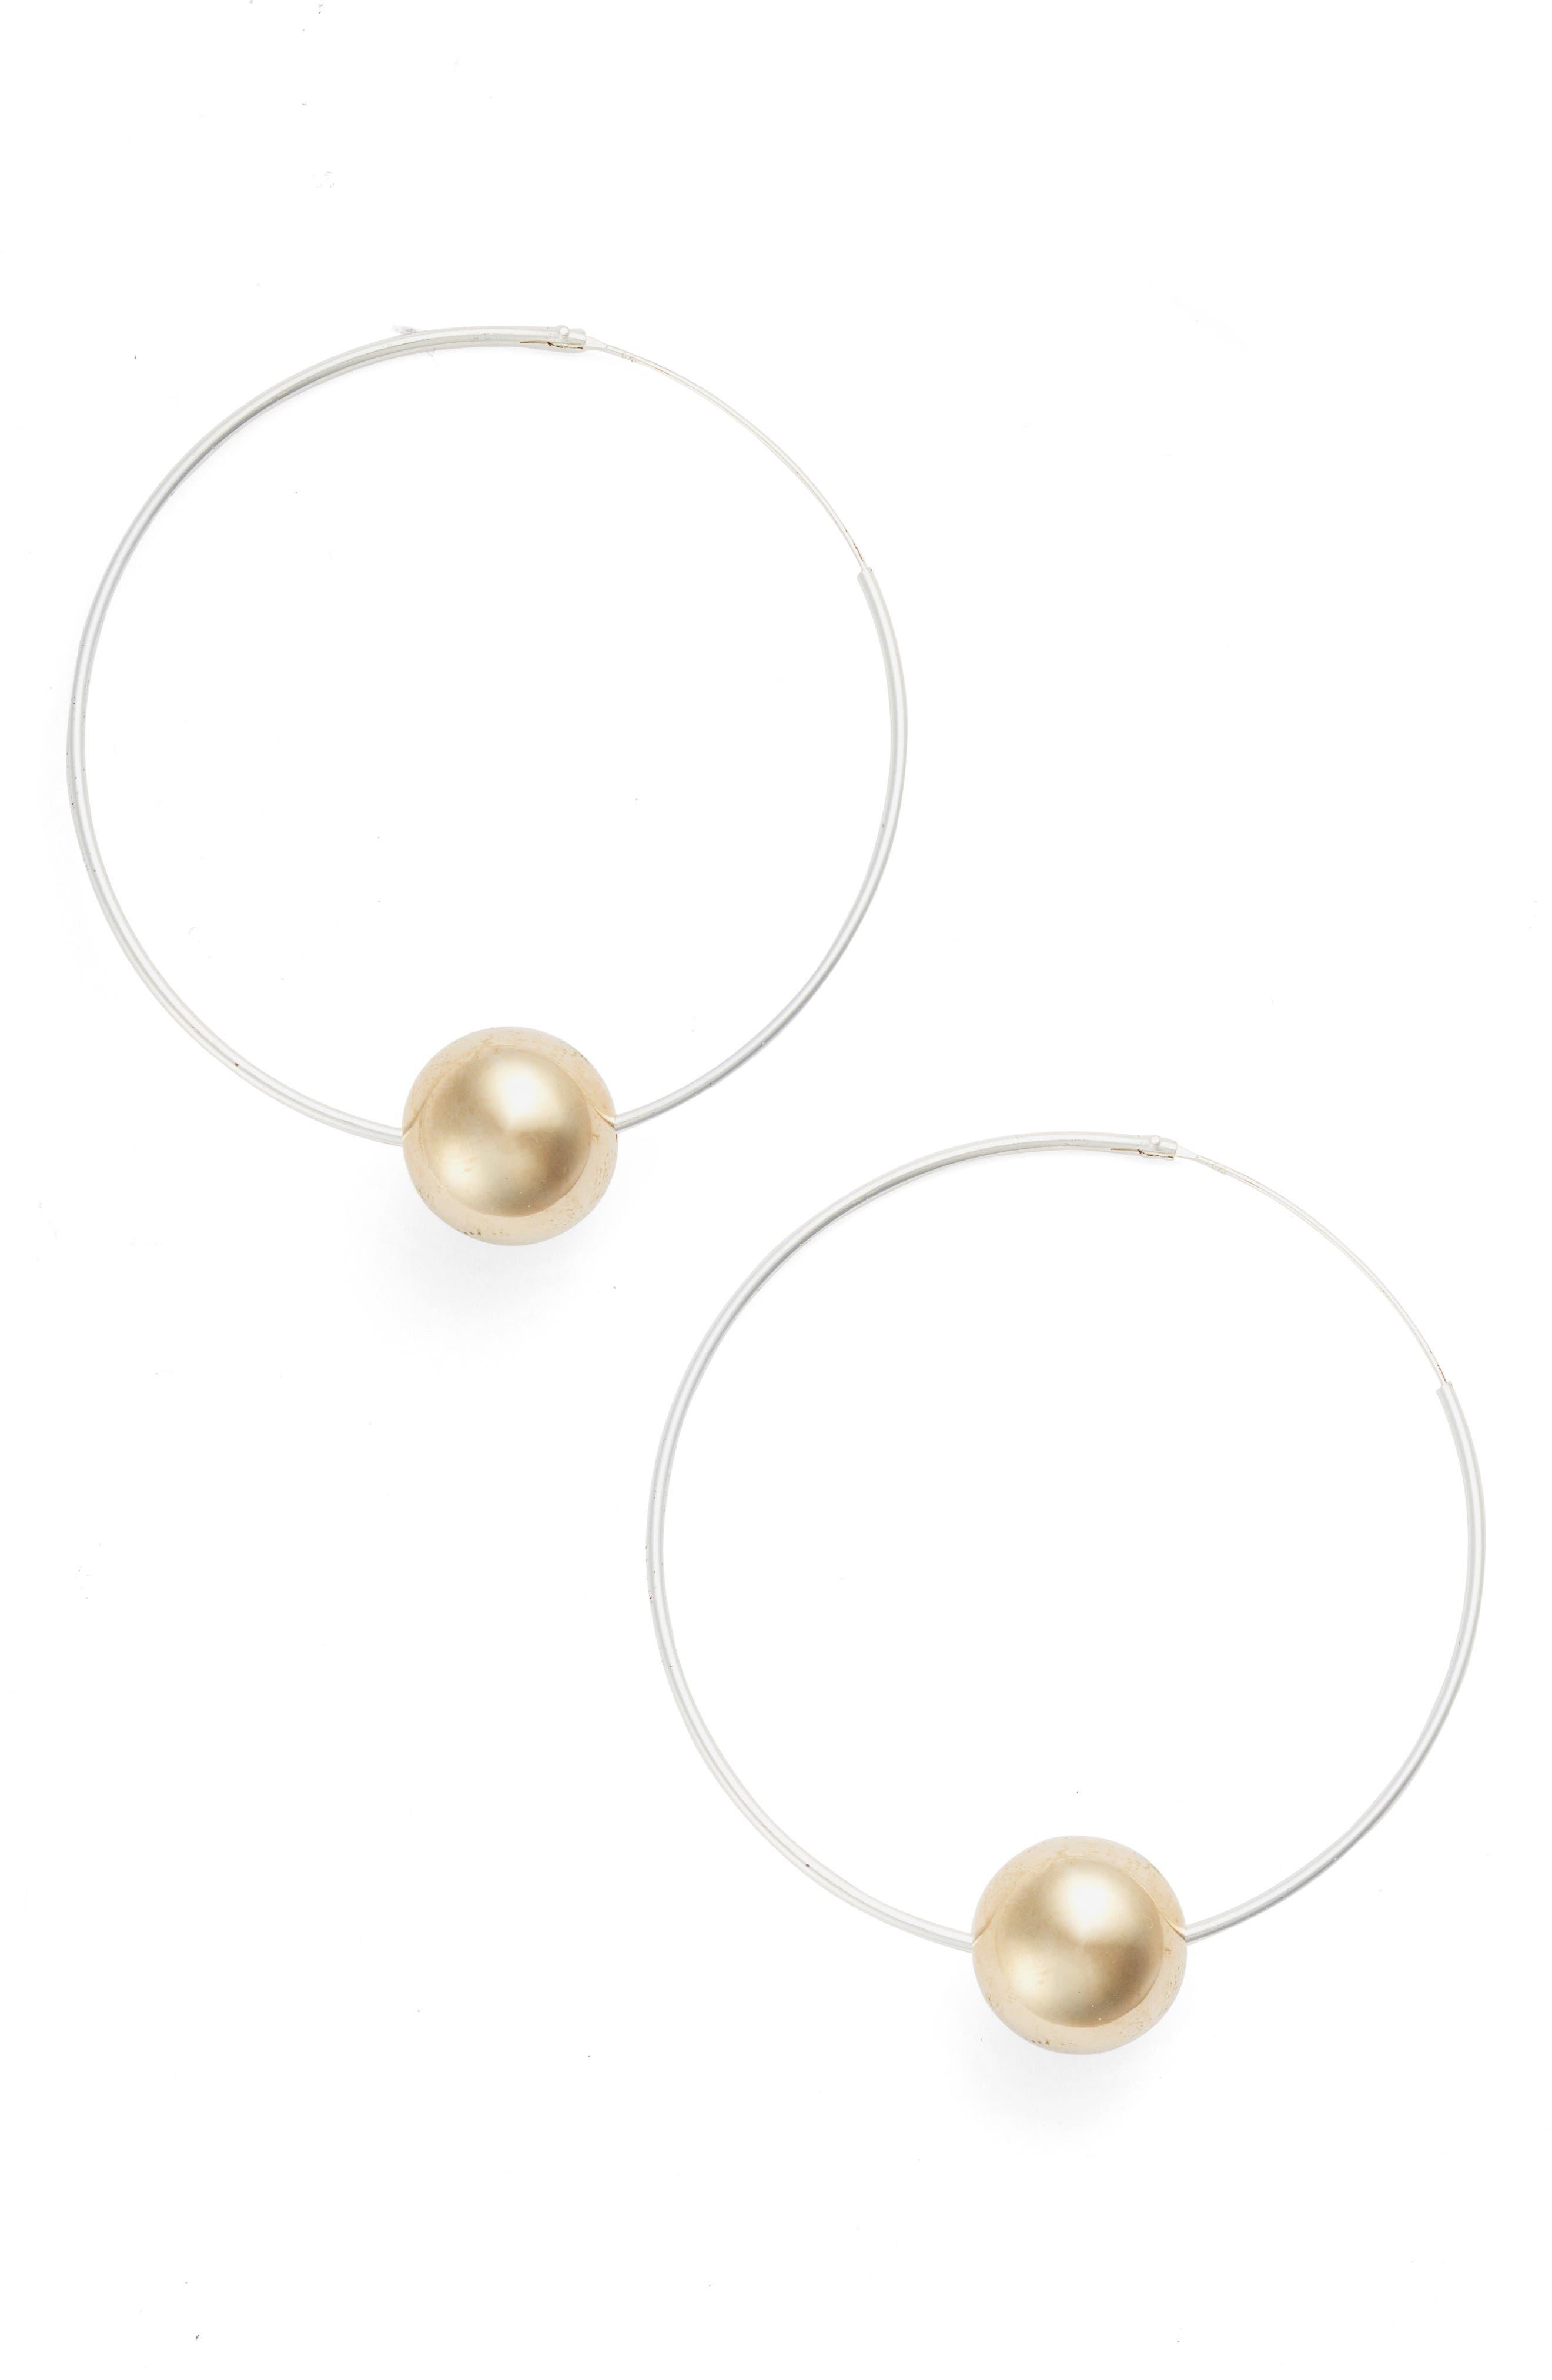 Alternate Image 1 Selected - Argento Vivo Sphere Station Hoop Earrings